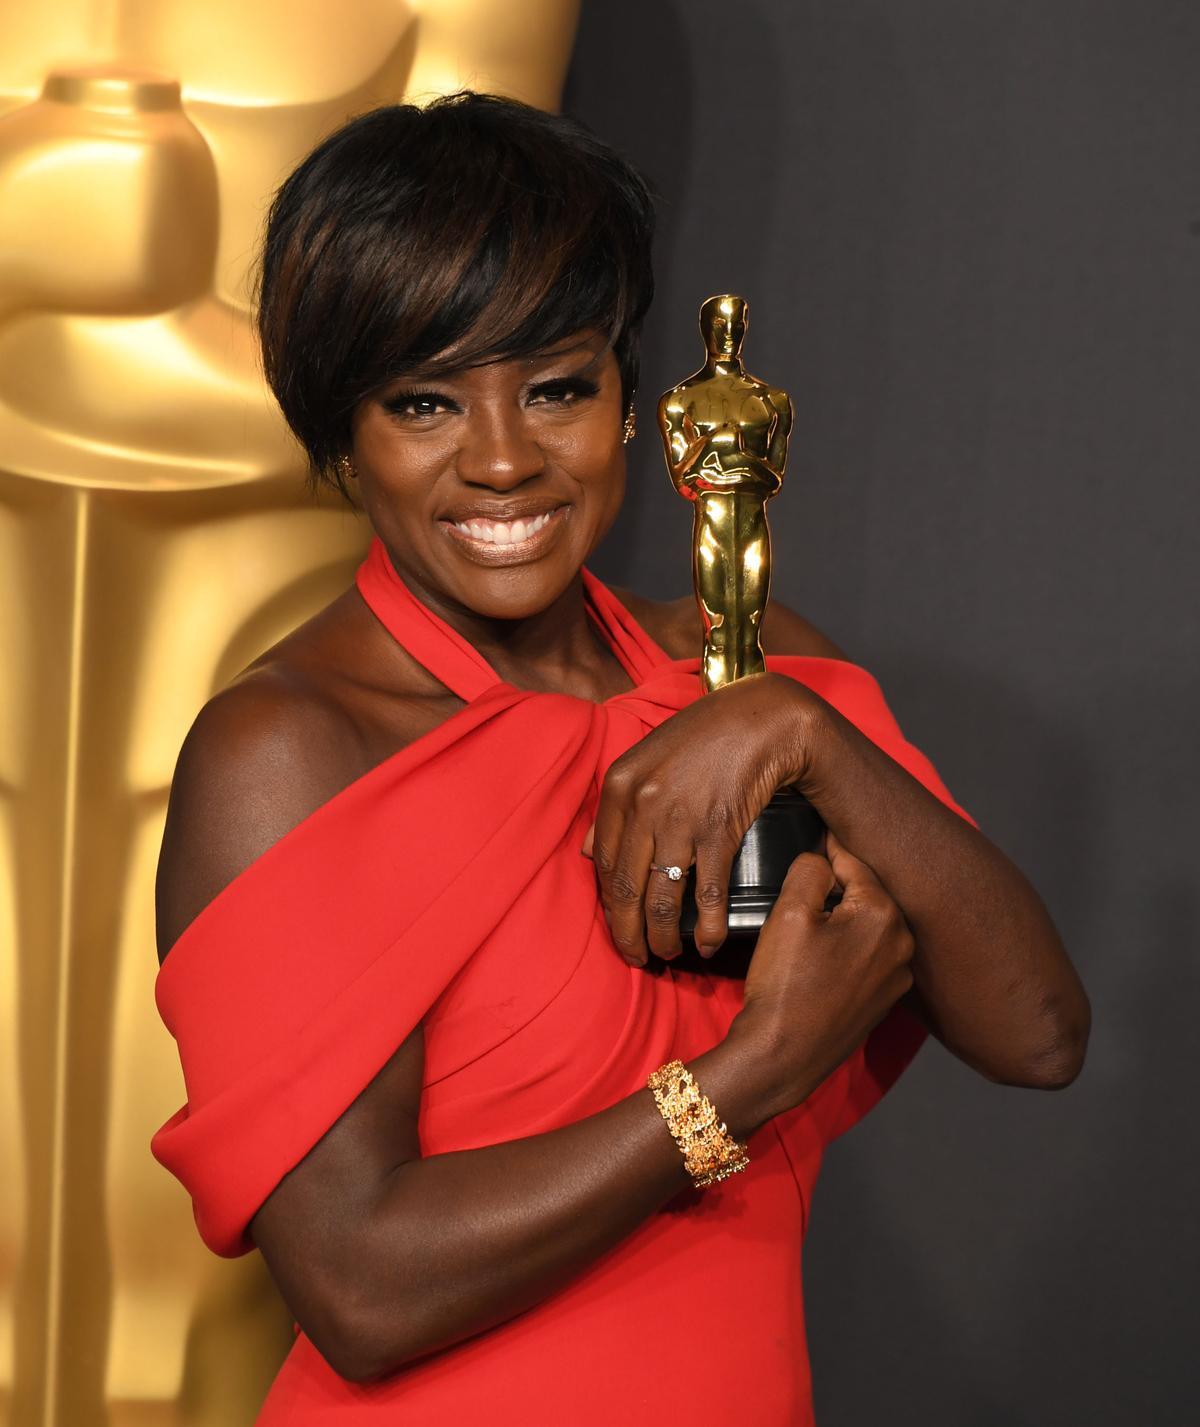 薇歐拉戴維斯成為史上第一個在奧斯卡、艾美獎、東尼獎都得到演技獎項的黑人女星。